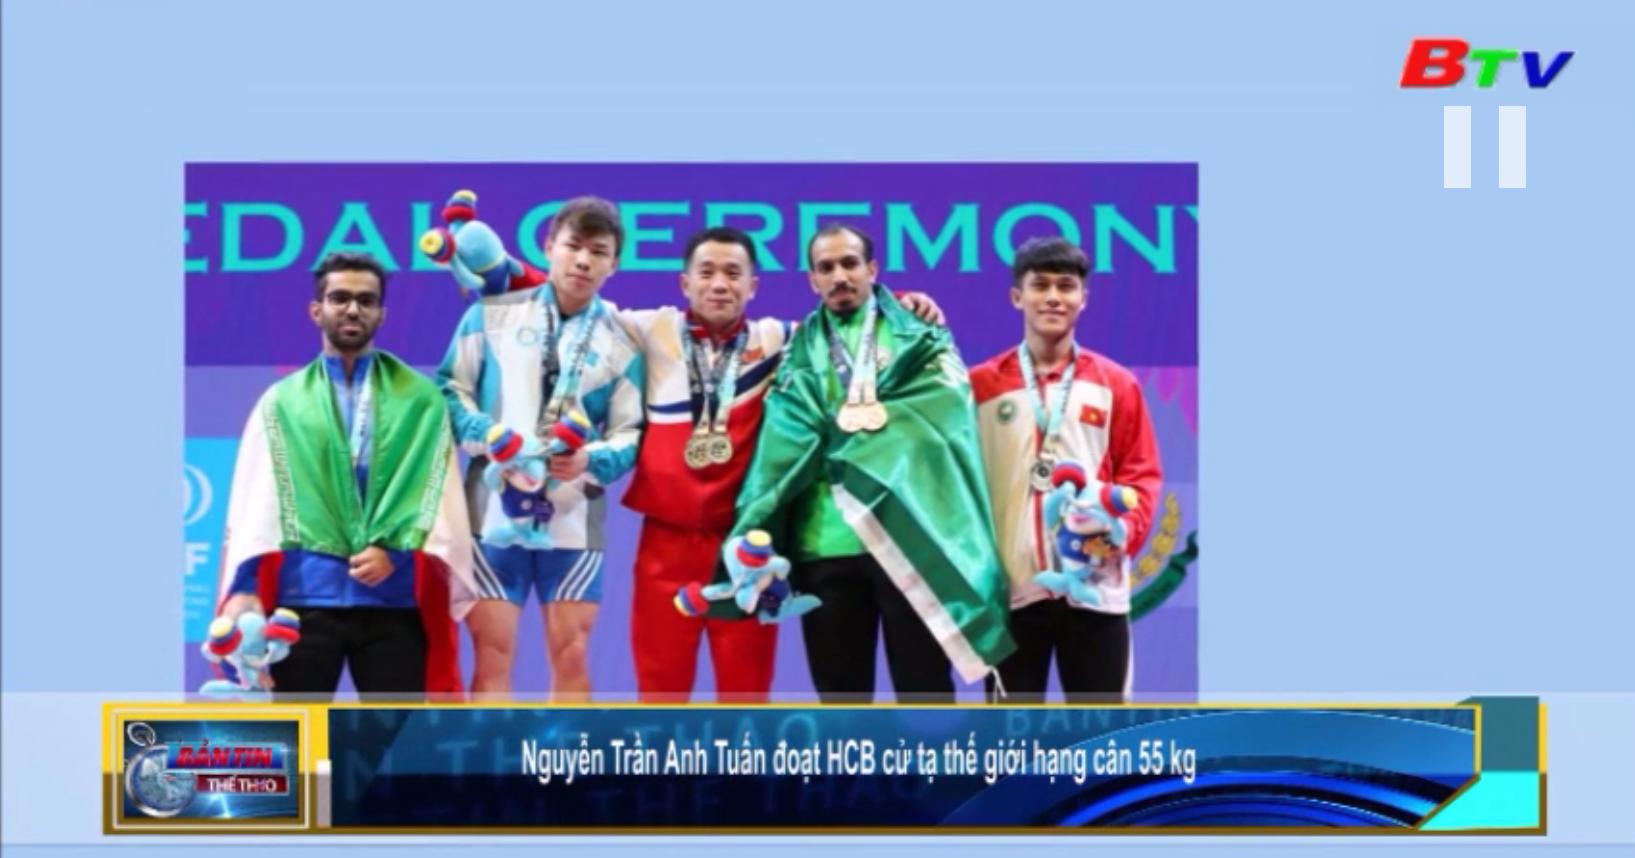 Nguyễn Trần Anh Tuấn đoạt huy chương bạc cử tạ thế giới hạng cân 55kg